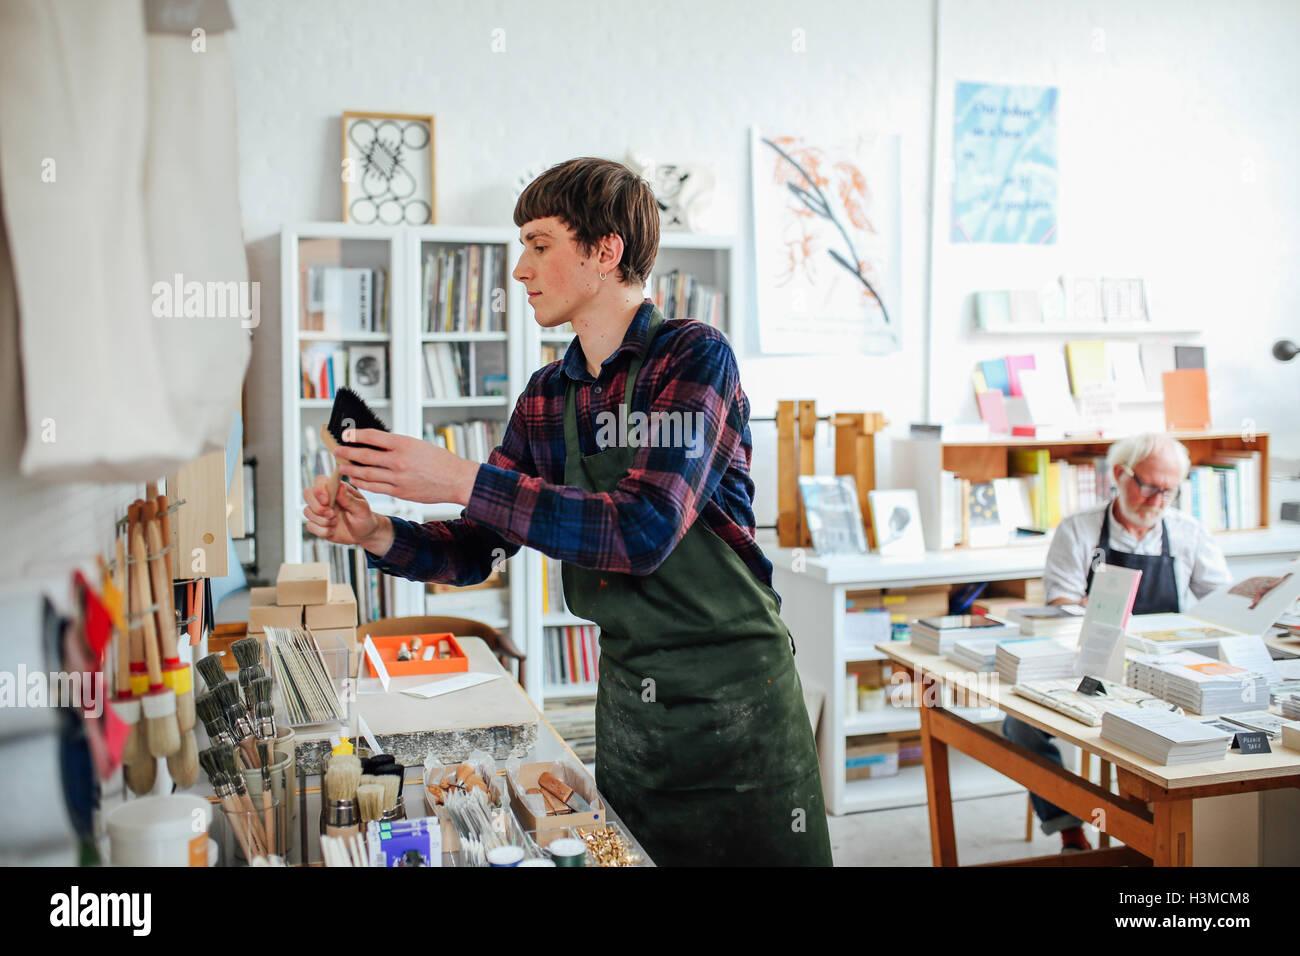 Jeune artisan ramasser des broussailles et à la recherche en matériaux dans une boutique d'artisanat, Photo Stock